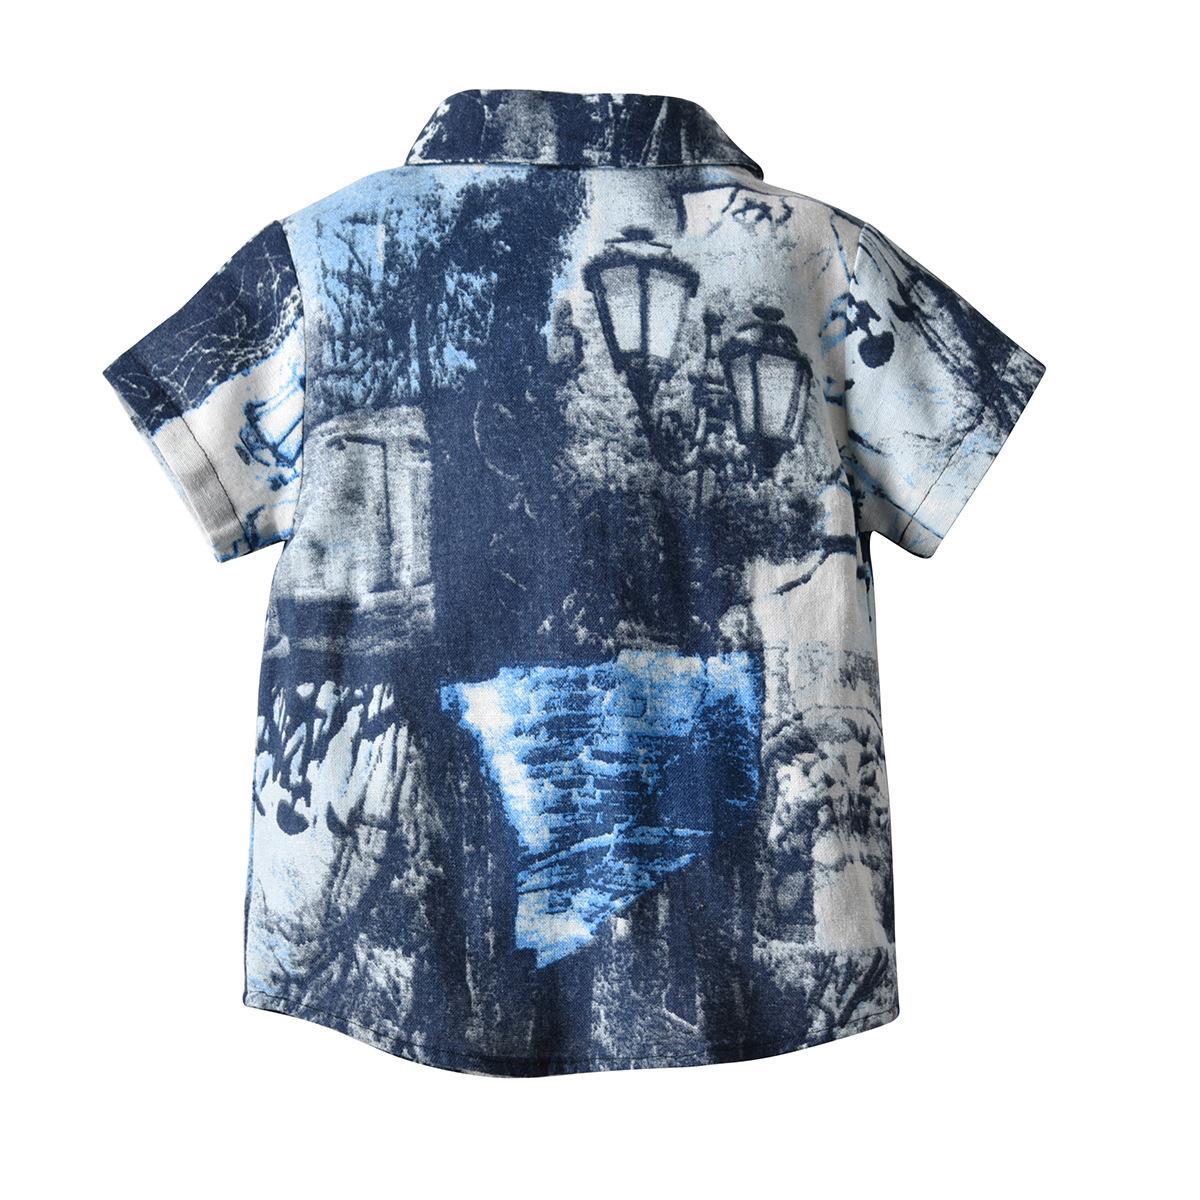 صبي الاطفال ملابس قميص الصيف قصيرة الأكمام رفض طوق شاطئ عطلة قميص 100 ٪ القطن ملابس الصيف الصبي